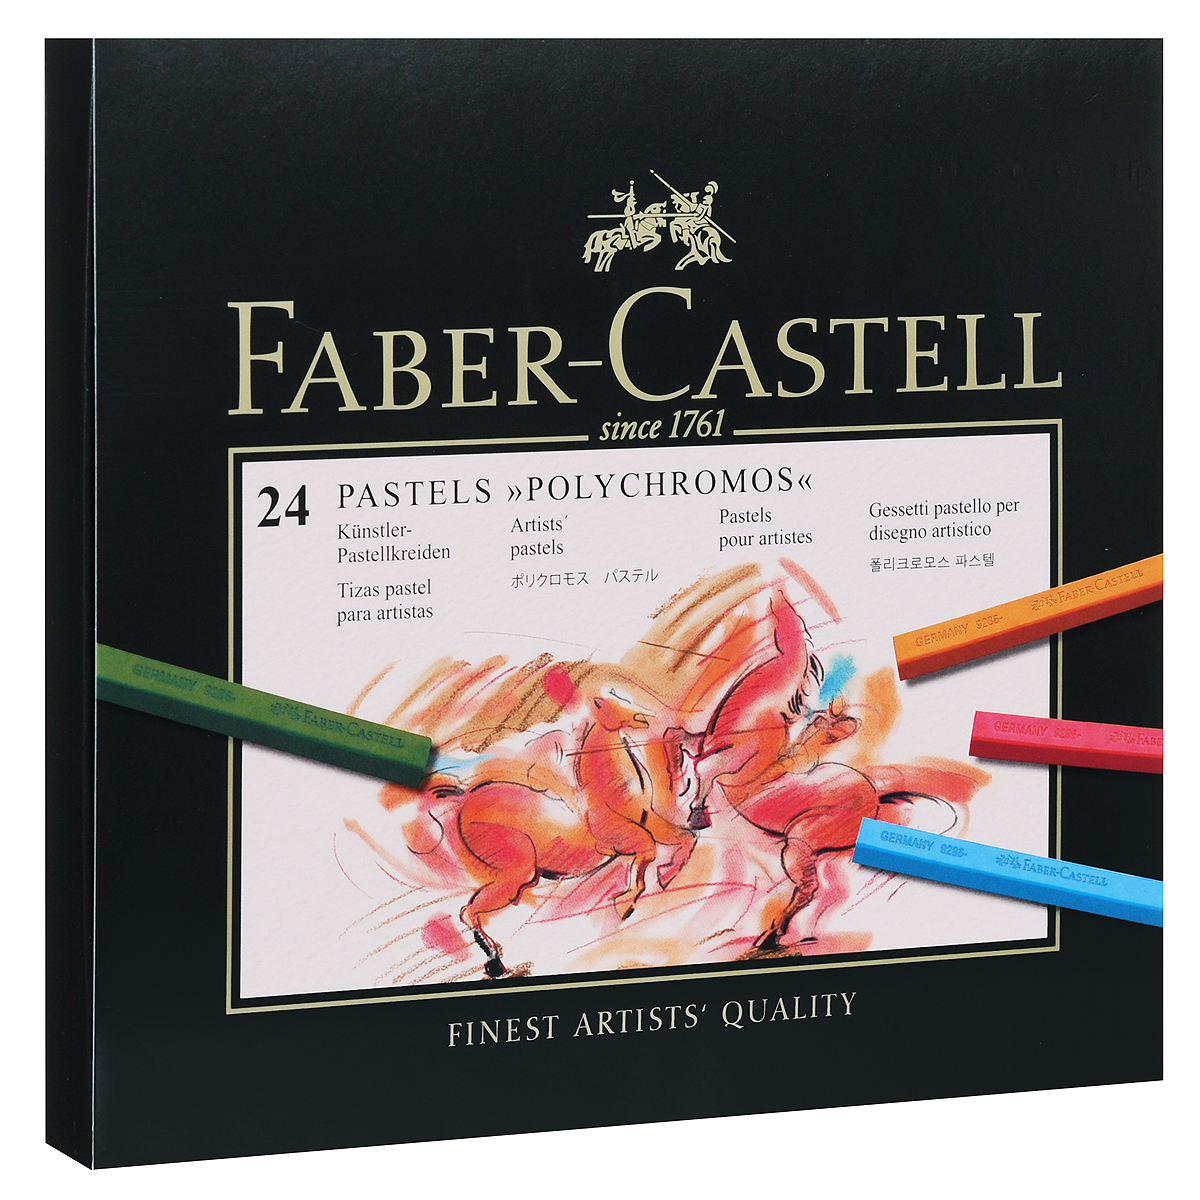 Пастель Faber-Castell Polychromos, 24 шт34930Набор Faber-Castell Polychromos содержит пастель прямоугольной формы в виде мелков 24 цветов - от ярких активных тонов до приглушенных оттенков. Пастель великолепного качества не крошится при работе, обладает отличными кроющими свойствами, обеспечивает хорошее сцепление с поверхностью, яркость и долговечность изображения. Пастелью Faber-Castell Polychromos можно рисовать в любой технике, сочетая ее с цветными карандашами и красками.